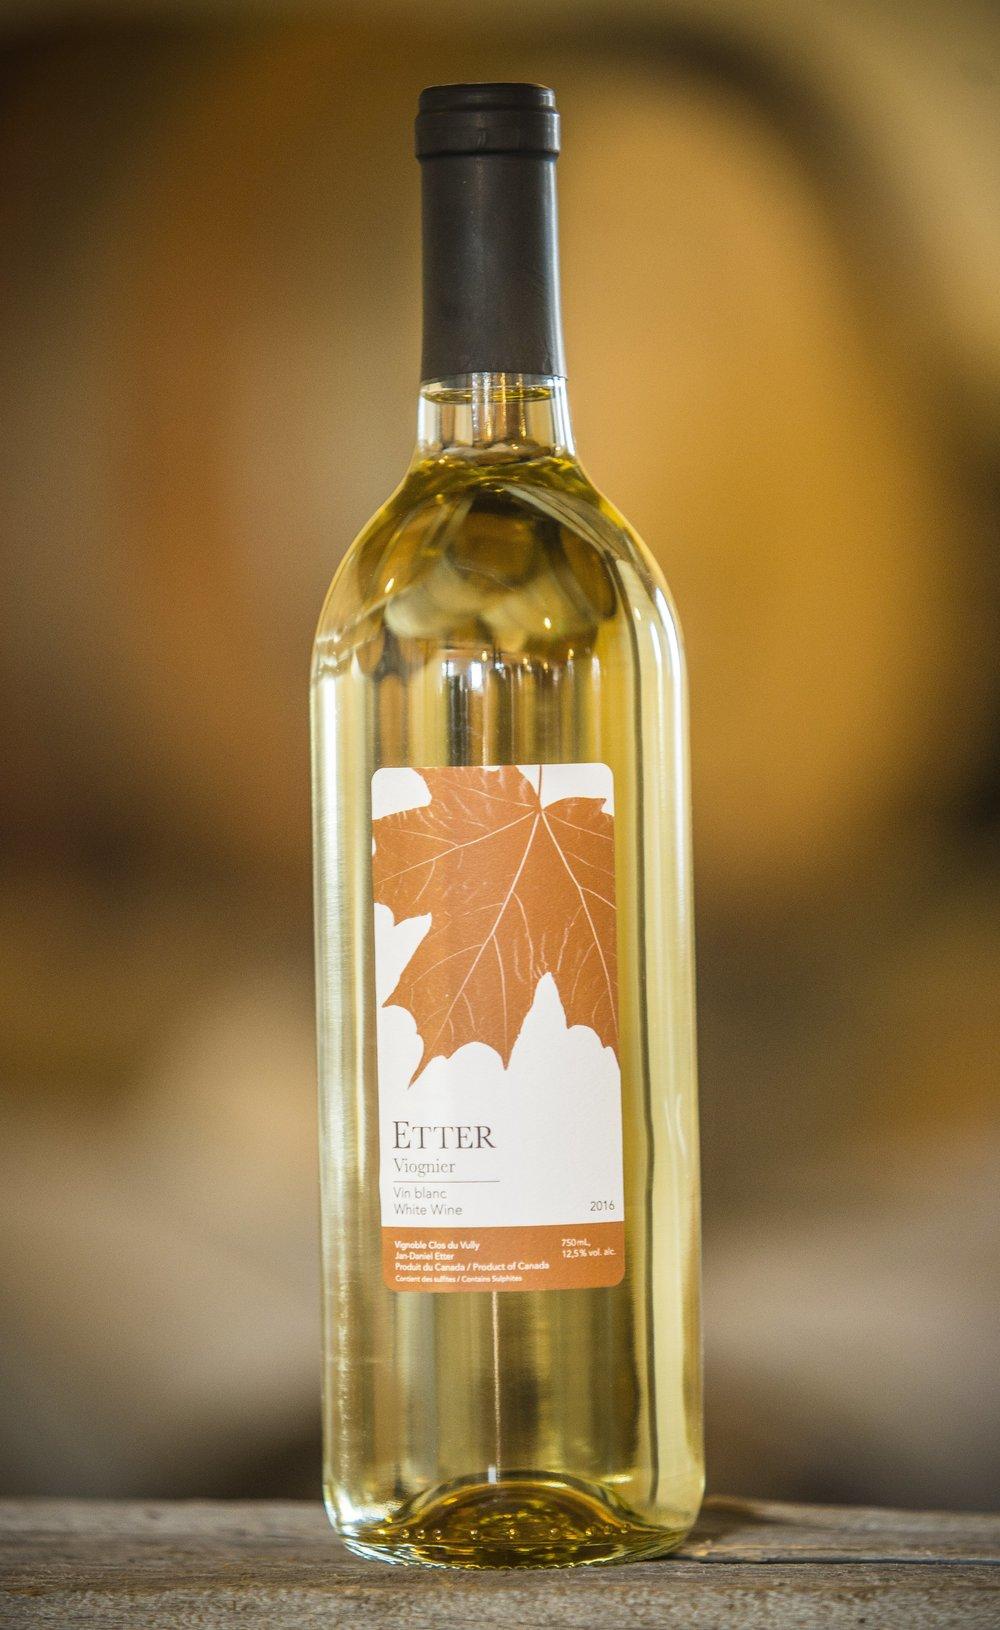 Viognier - · 100% Viognier (Raisins de Niagara)· Fermenté en barriques, puis vieilli 3 mois en barrique· Nez de fleurs blanches· Acidité basse – arômes de pêches et abricot